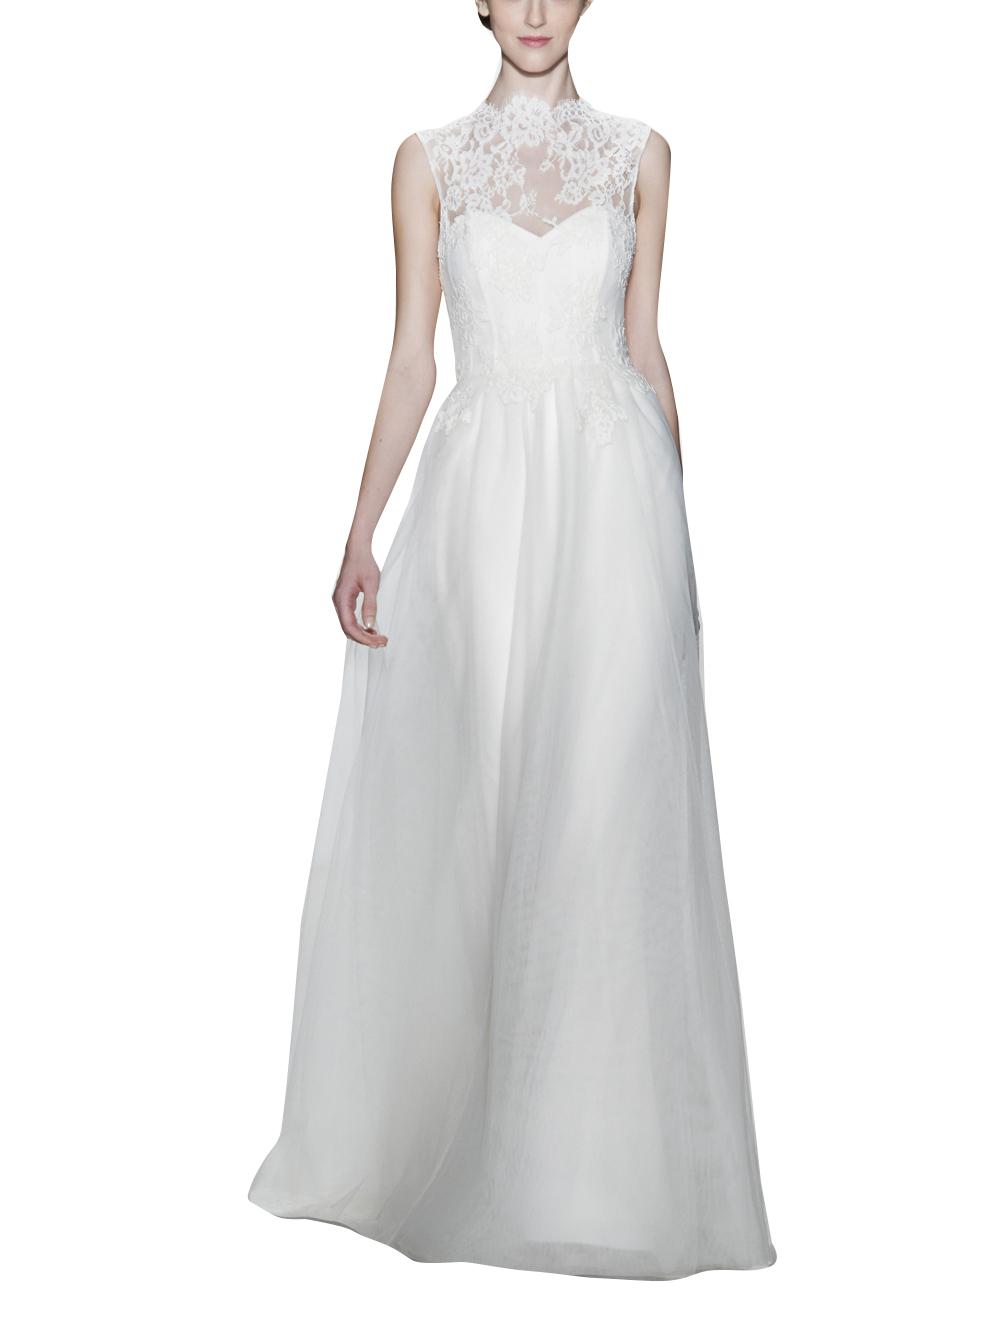 2016 Barato Plus Size Vestidos de Casamento Uk Alta Collar Vestidos de Noiva Lace As Costas Abertas Do Casamento de Praia Vestidos de Casamento Hochzeit Kleider(China (Mainland))